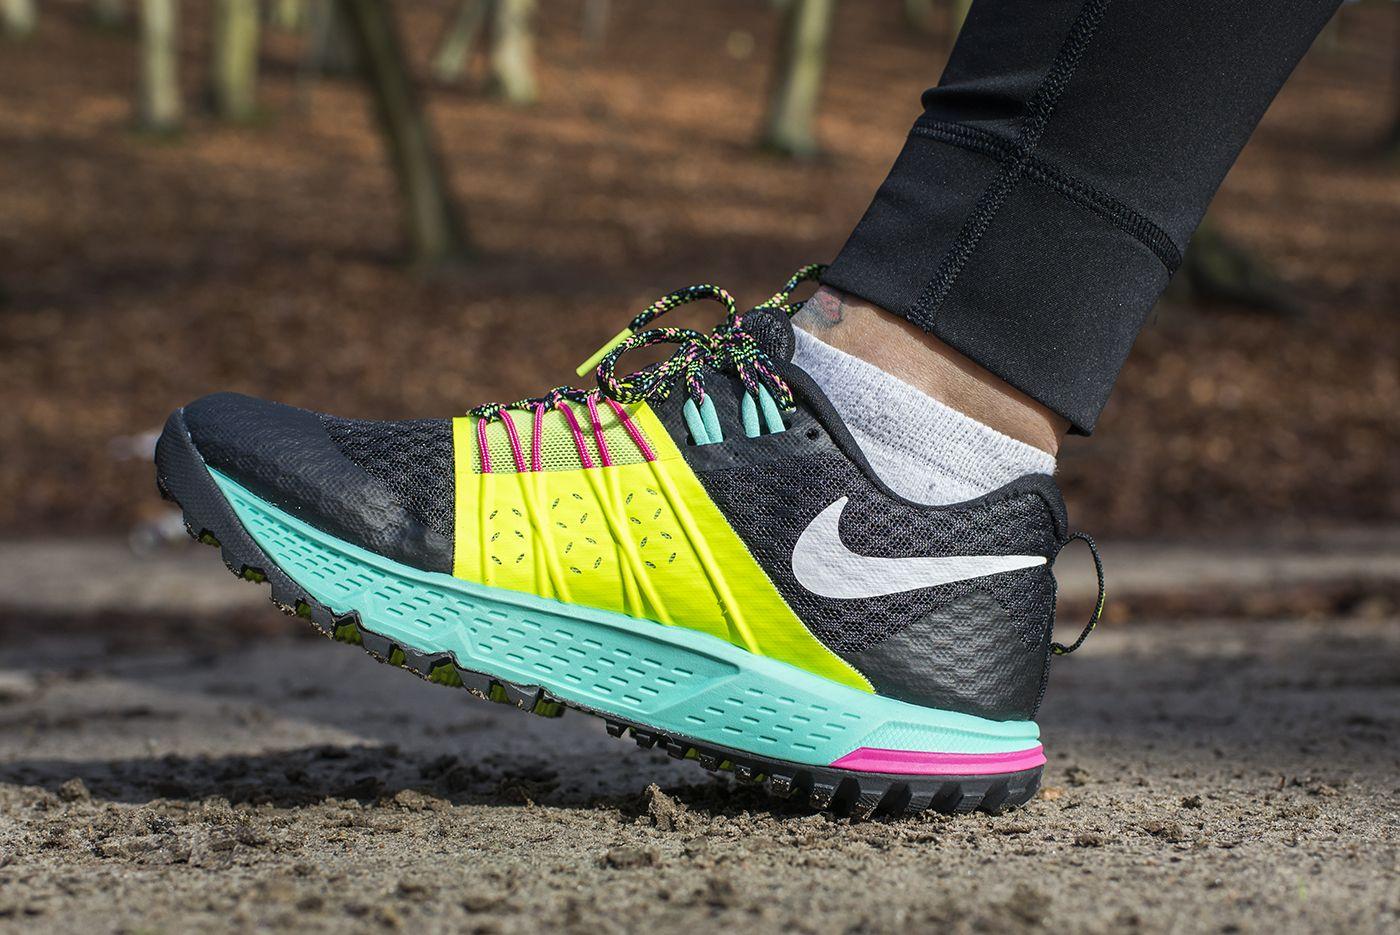 Nike Nike Air Zoom Wildhorse 4 Czwarta Odslona To Wygoda I Swietna Przyczepnosc Na Urozmaiconym Podlozu Running Shoes Nike Air Hoka Running Shoes